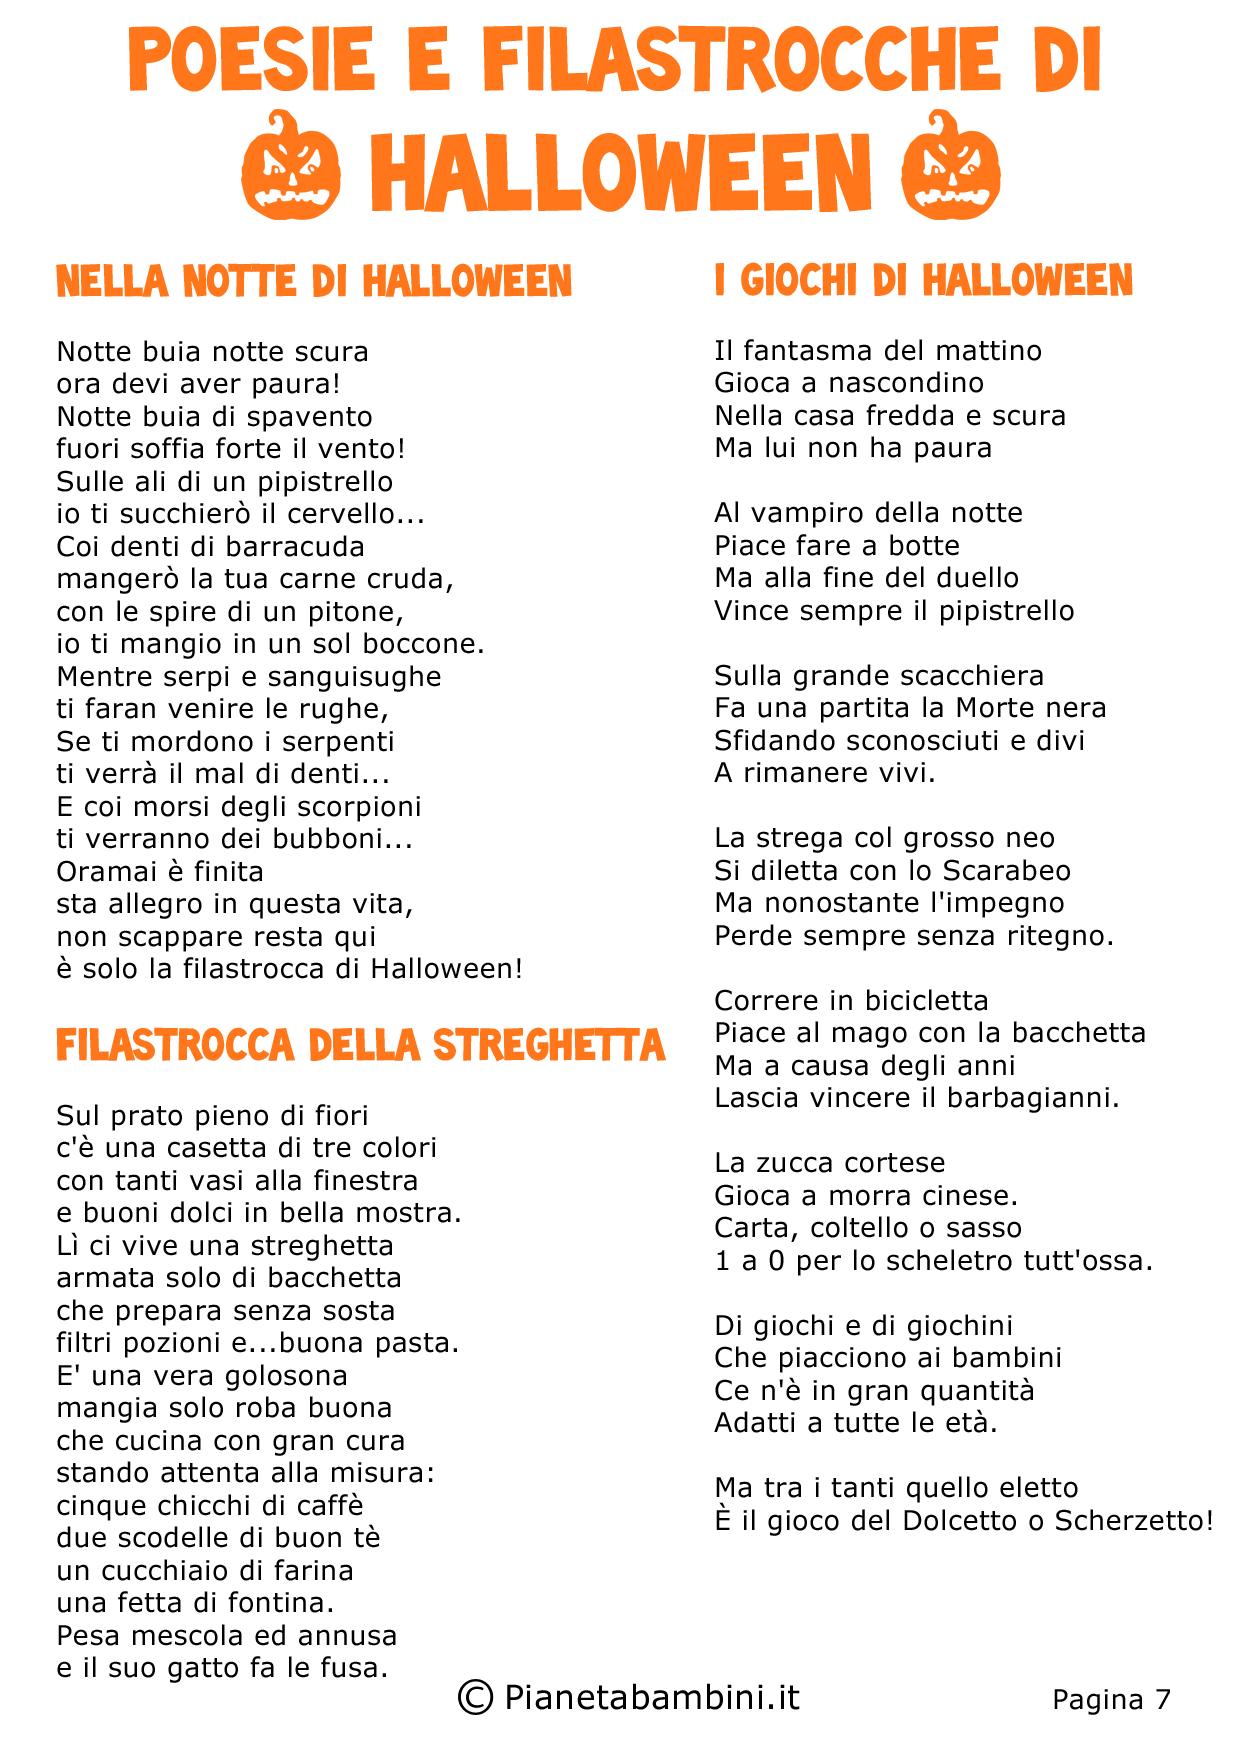 Poesie-Filastrocche-Halloween-7